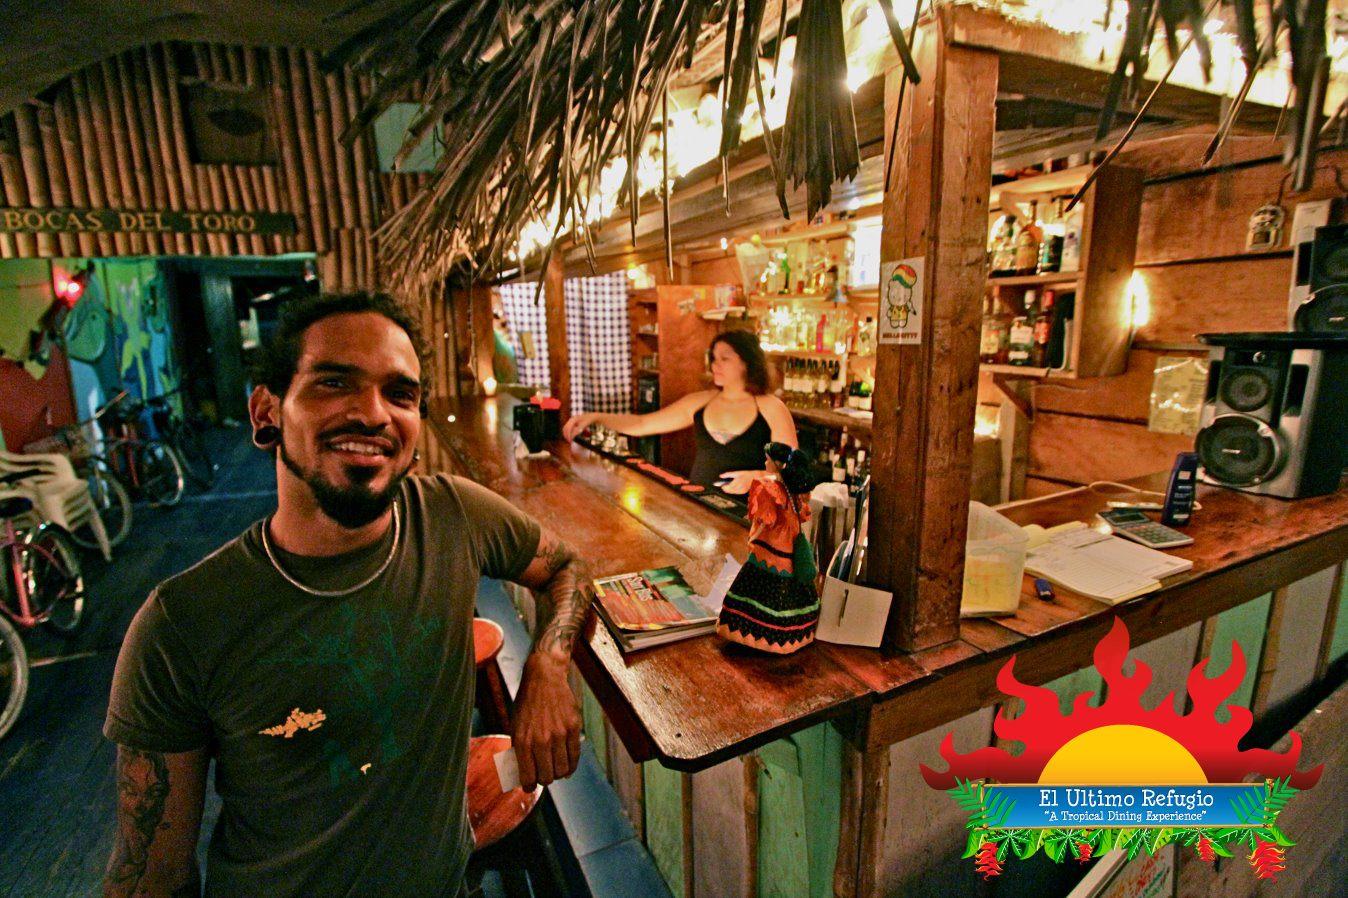 El Ultimo Refugio Restaurante en Bocas del Toro